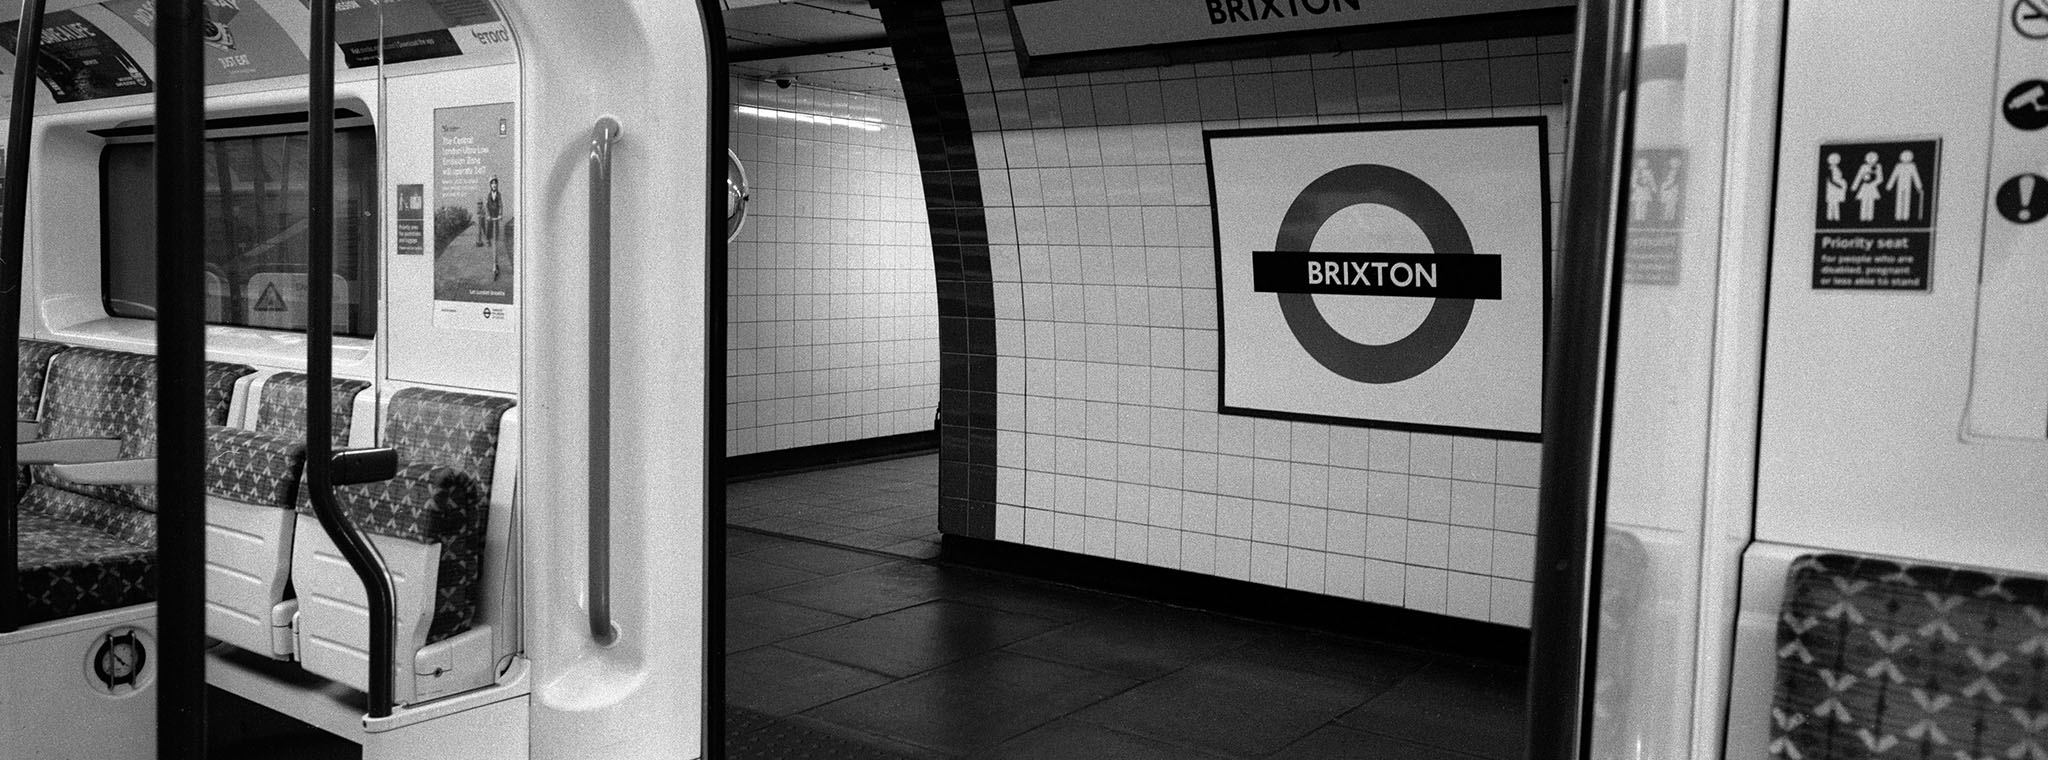 Brixton Tube Ilford HP5 1600 ISO